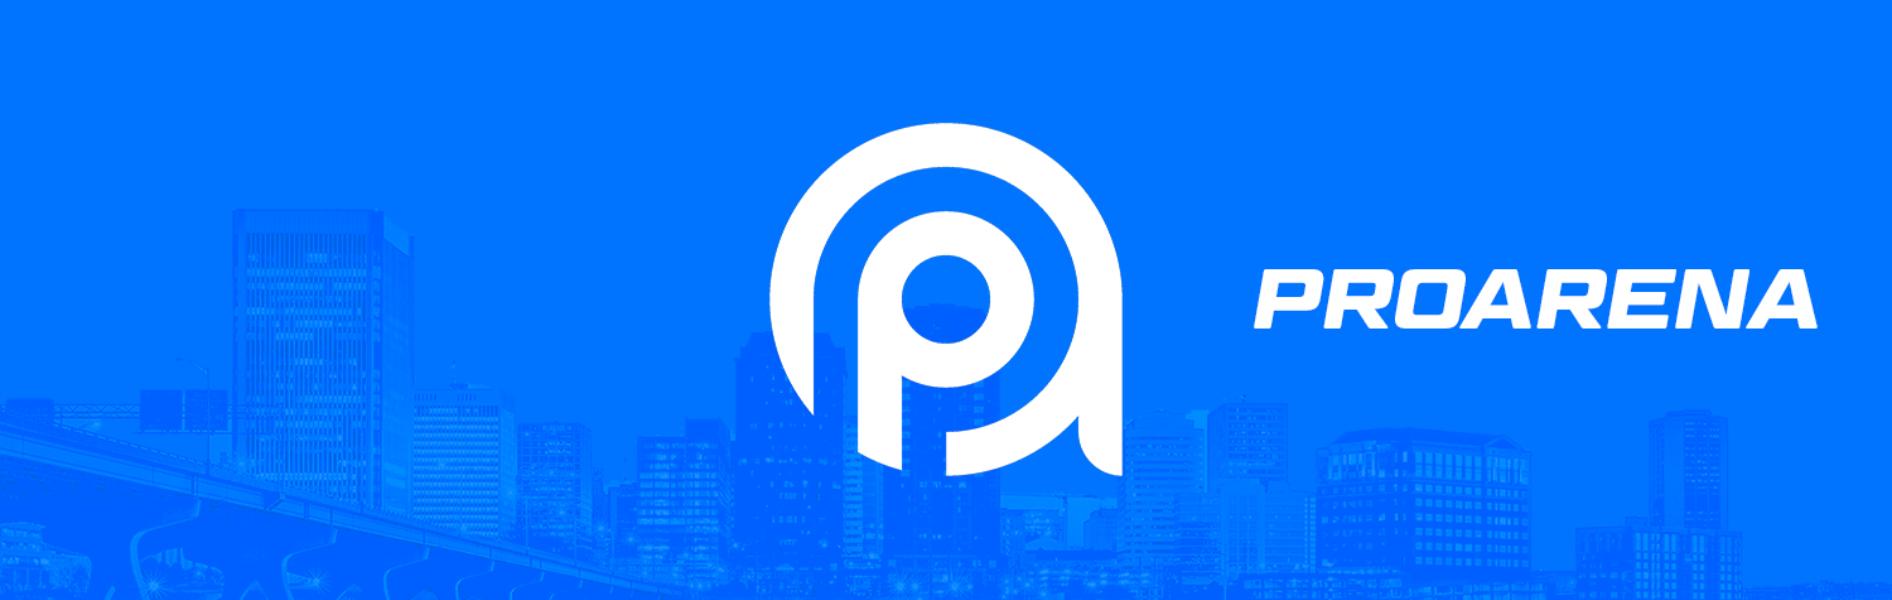 ProArena Banner